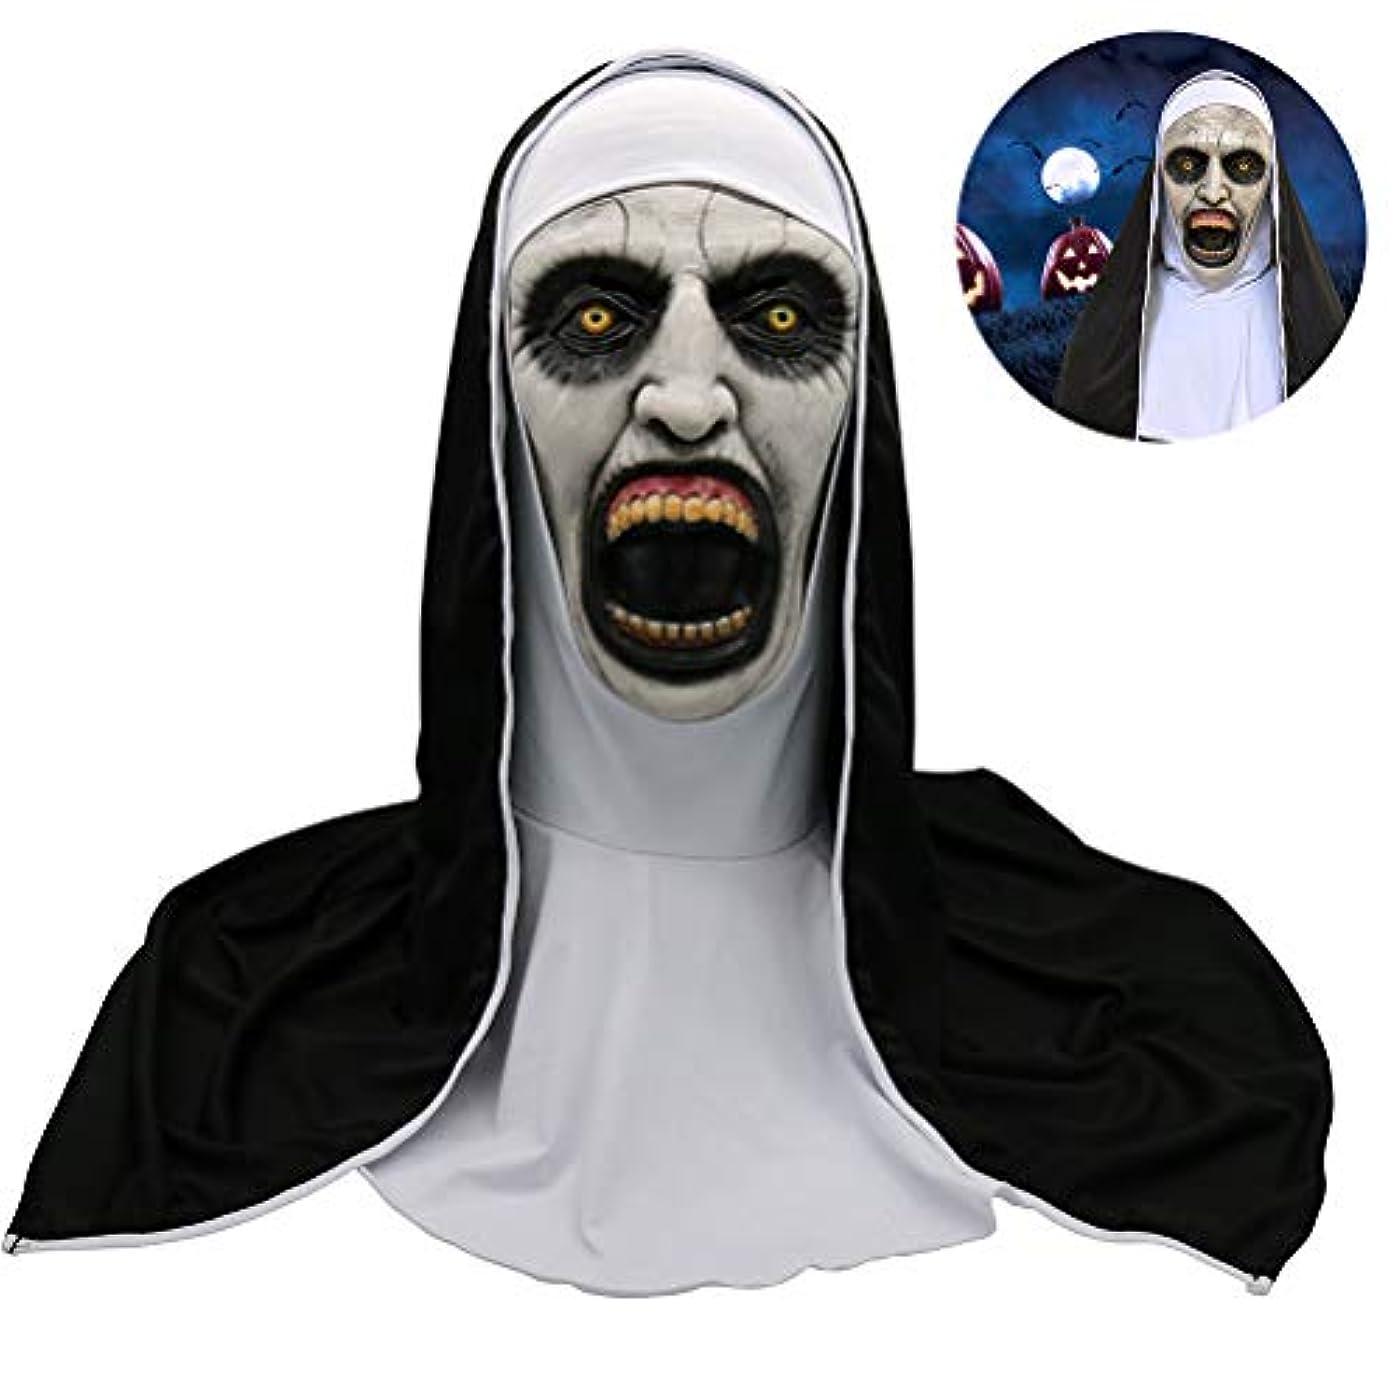 懇願する届ける着飾るBSTOPSEL ハロウィン修道女ホラーマスクコスプレ怖いラテックスマスク付きスカーフフルフェイスヘルメットハロウィンパーティーの小道具